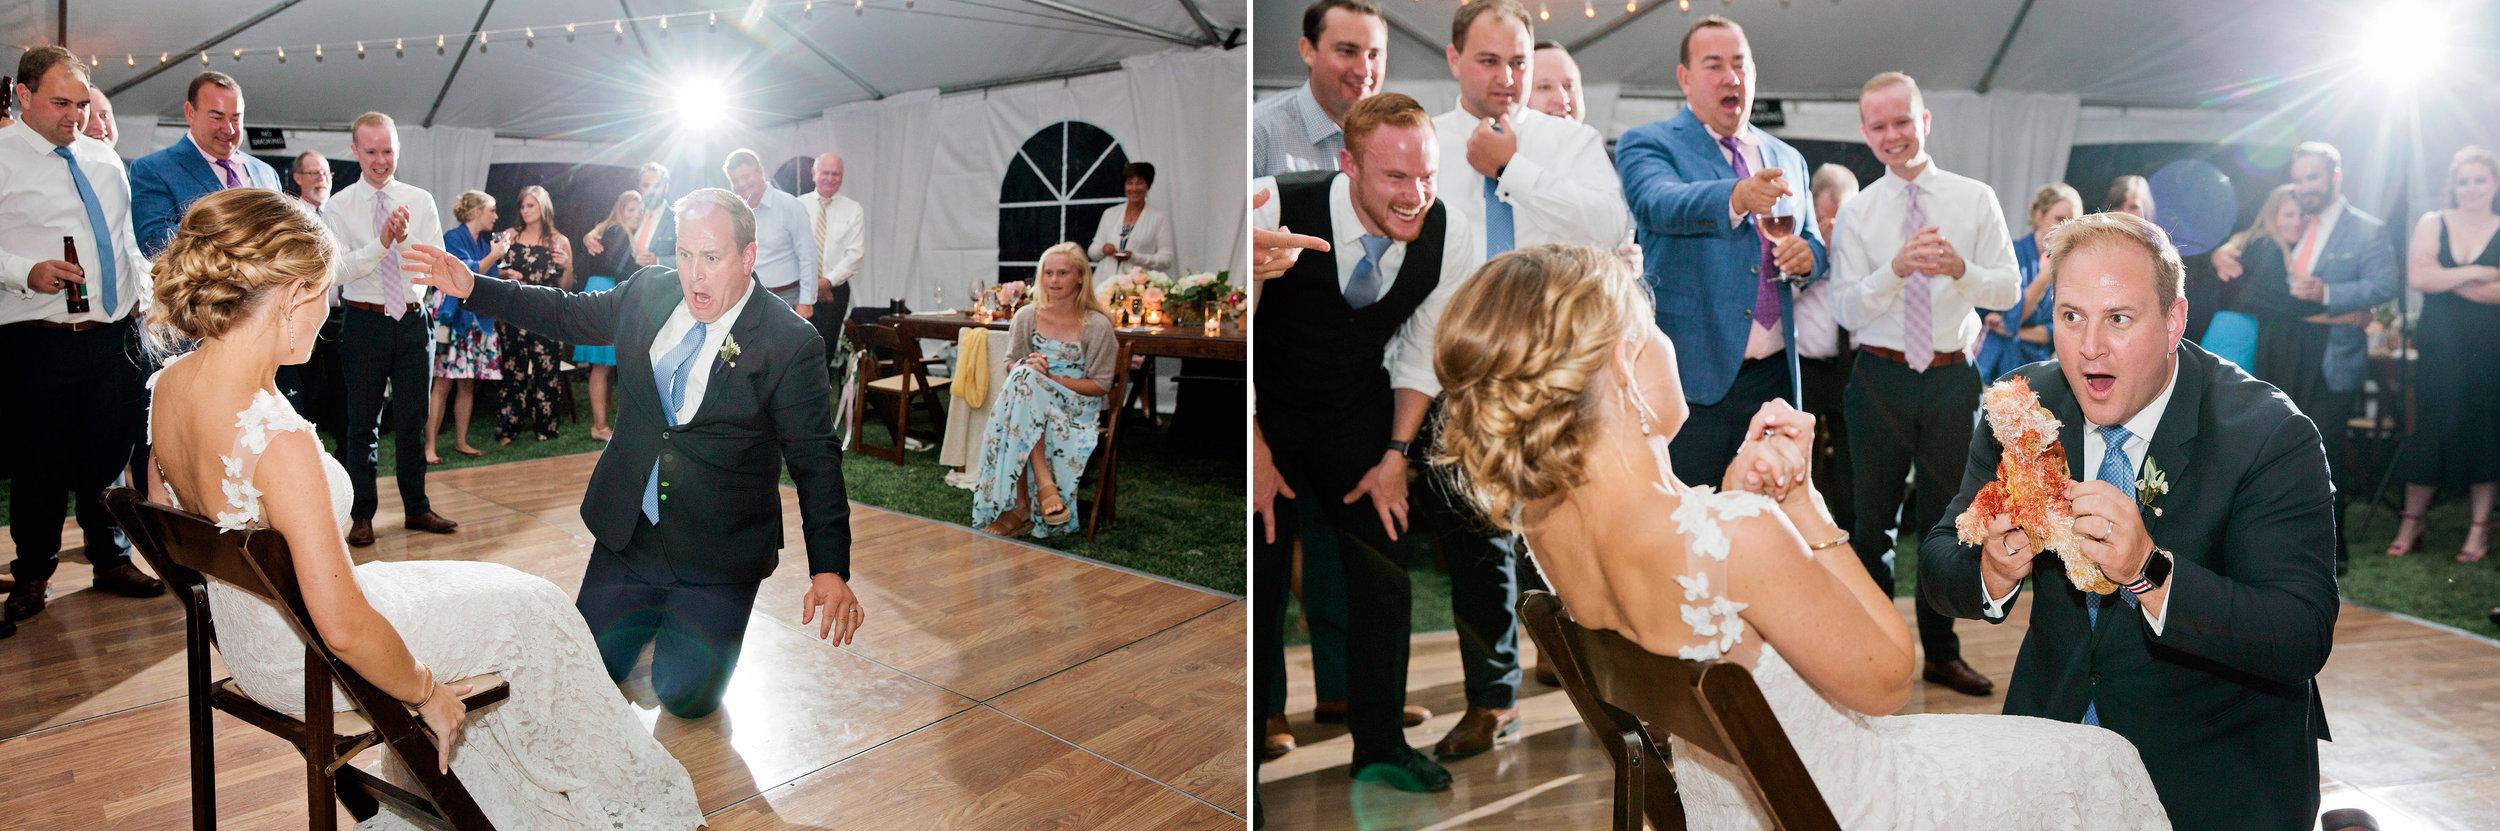 Tahoe-Summer-Wedding-102 copy.jpg